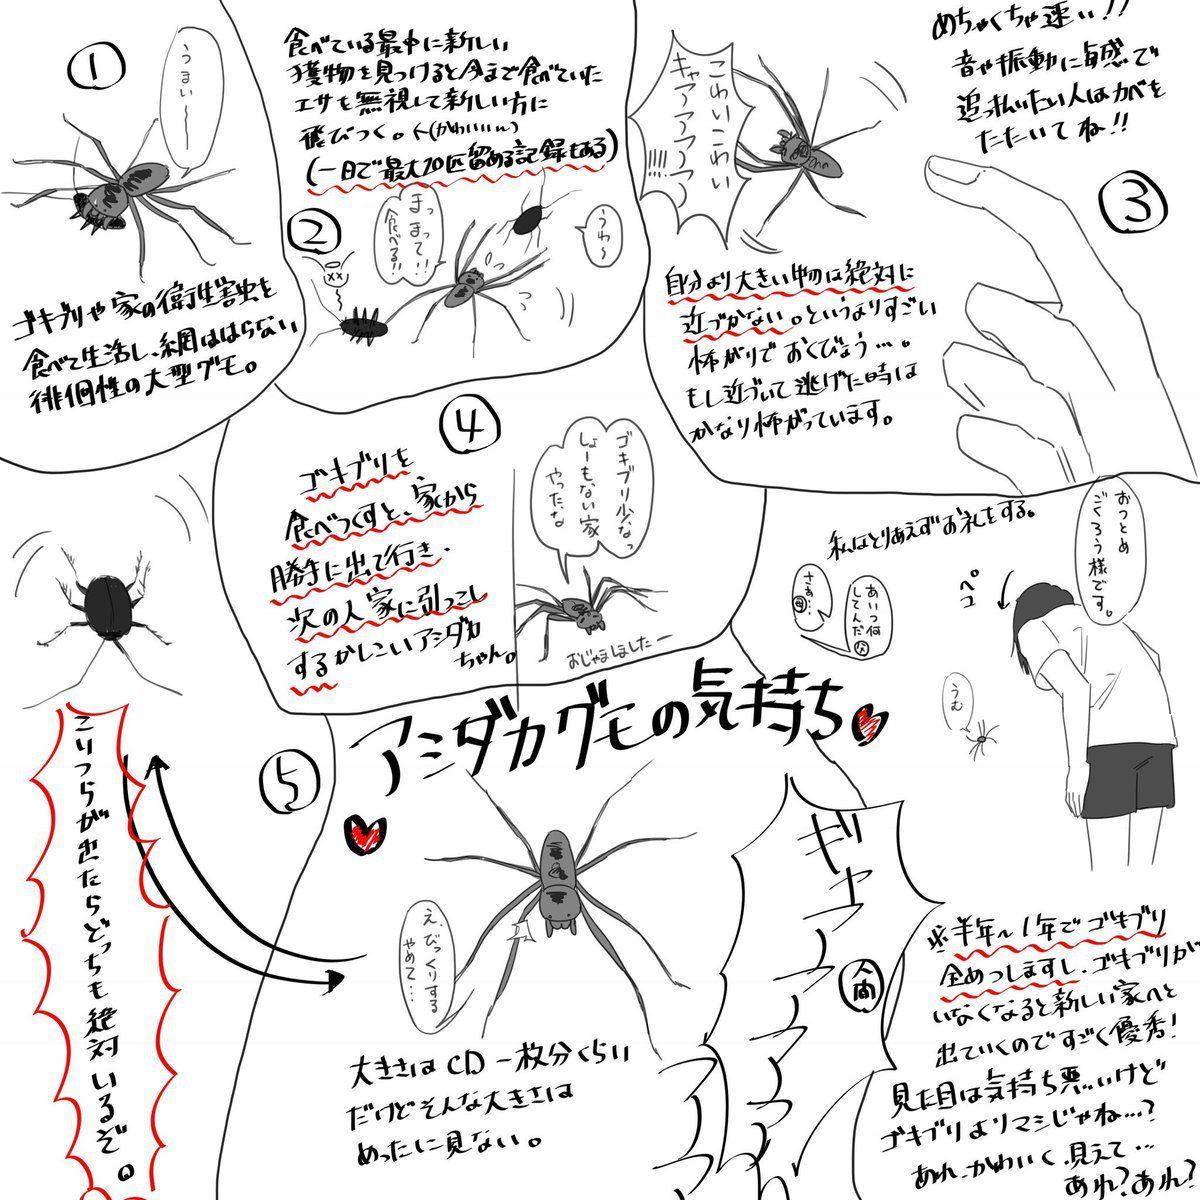 家でたまにみかける巨大蜘蛛 アシダカグモはゴキブリと大きな関係が